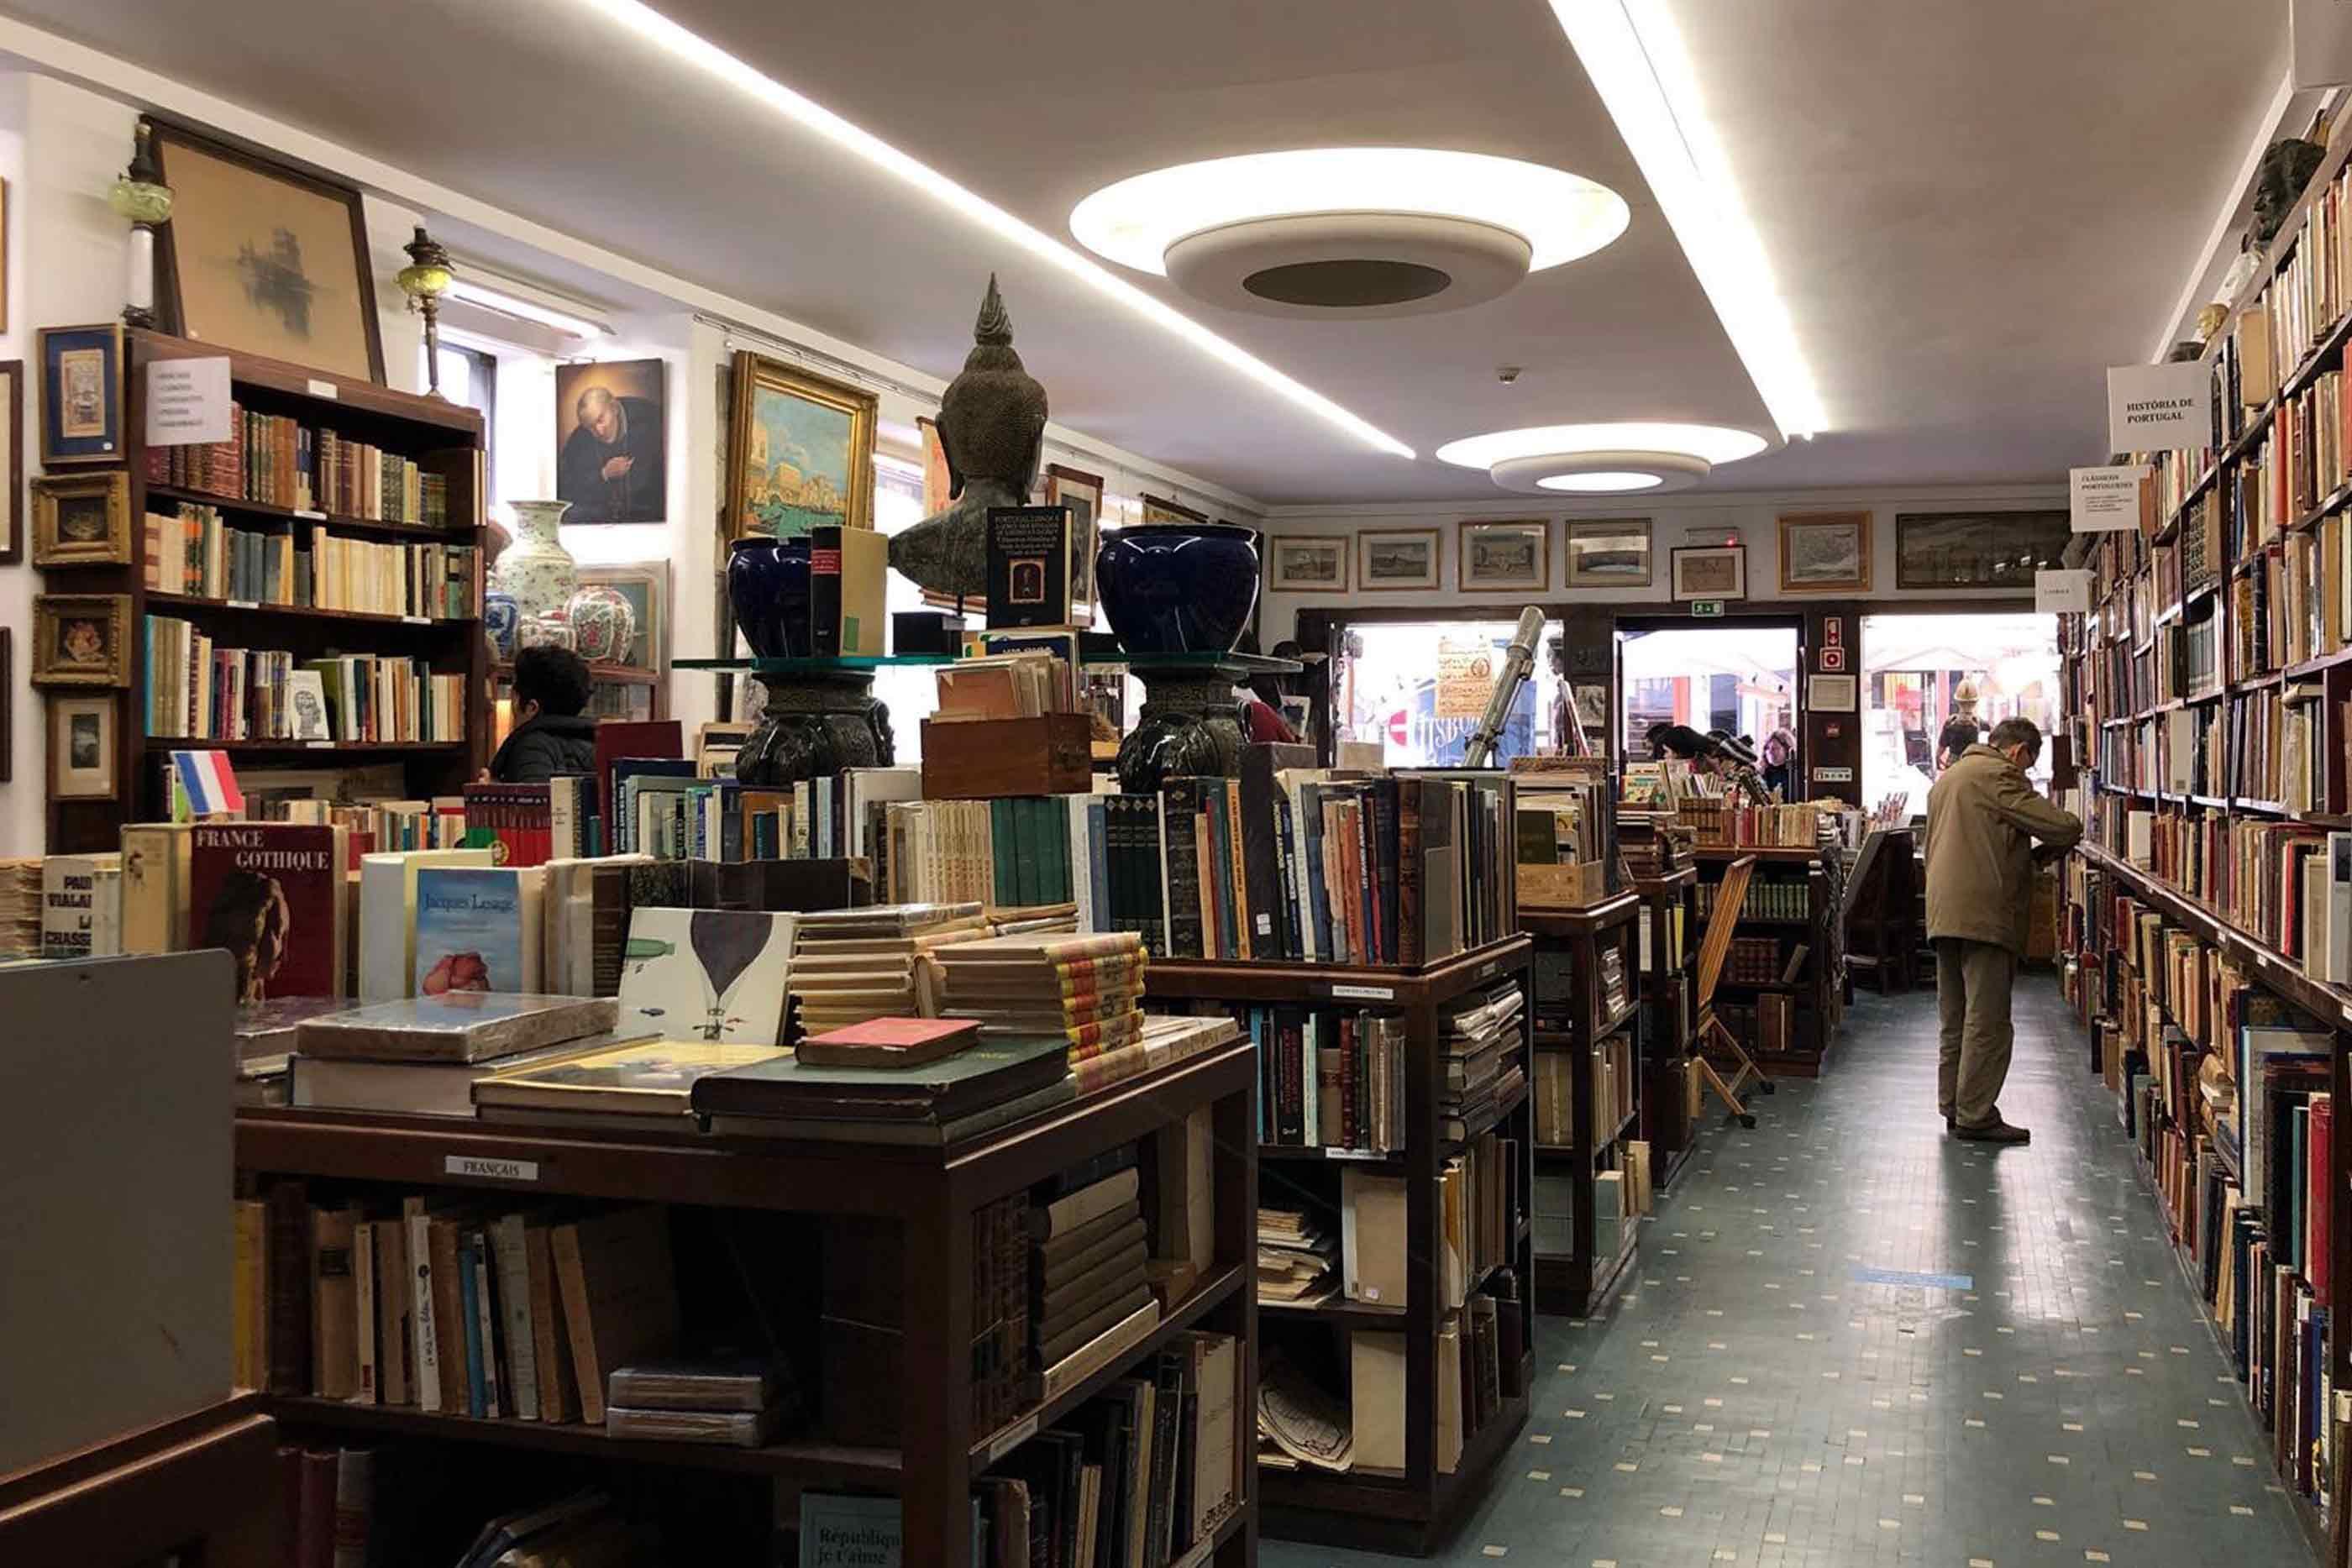 Do nosso lado direito, estão várias estantes repletas de livros e outros objetos curiosos - um busto de um Buda, uma jarra grande e azul ao centro da sala e nos espaços vazios das paredes são ocupados por quadros.